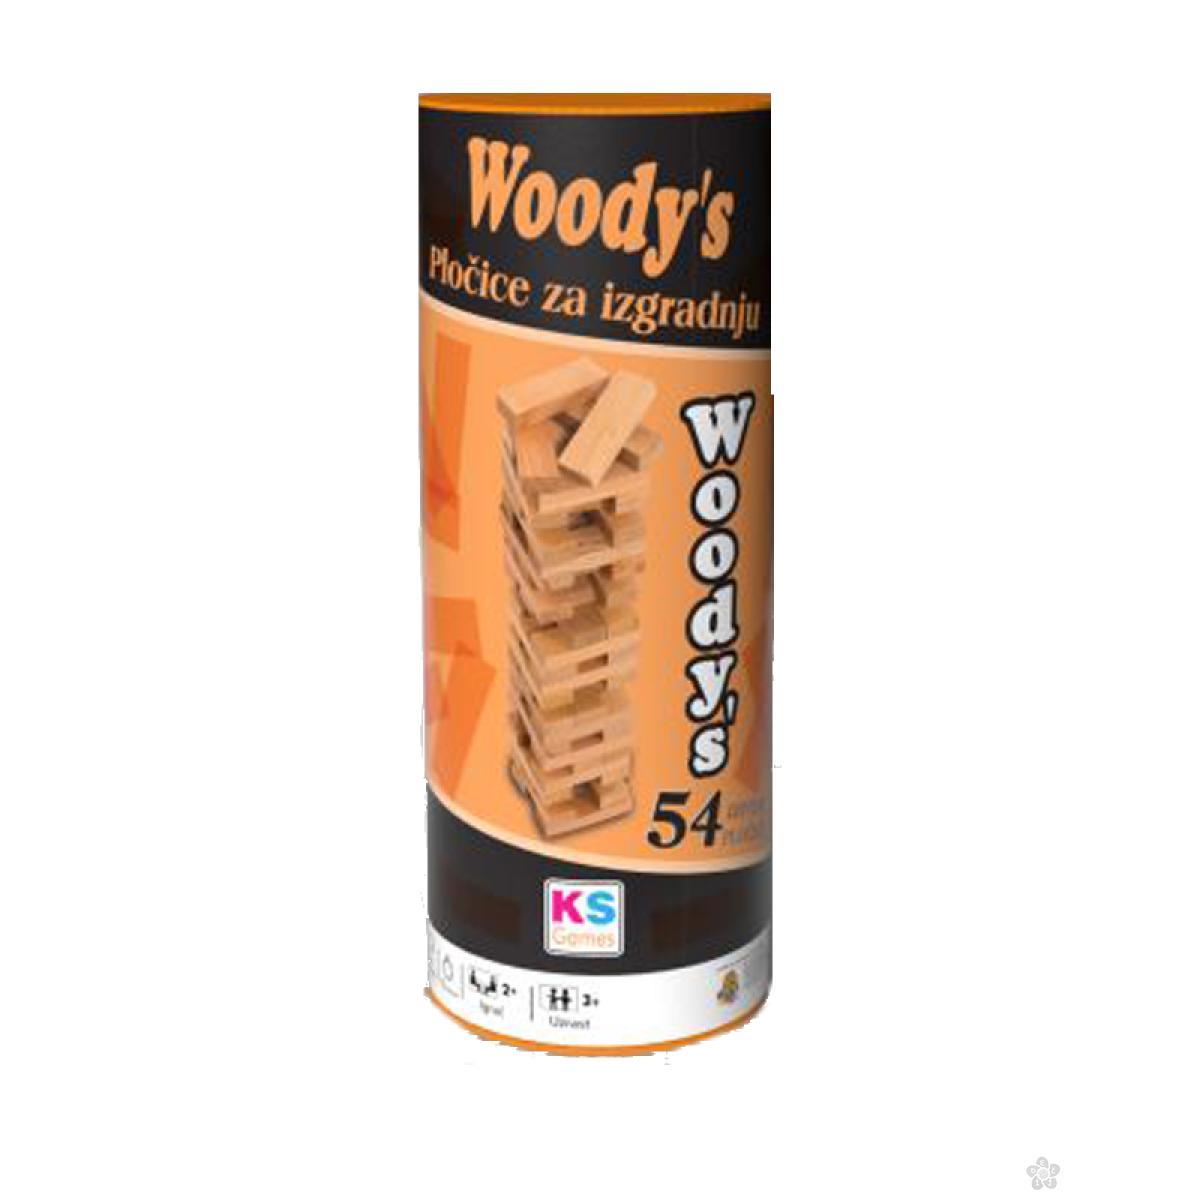 Drvene pločice Woody's